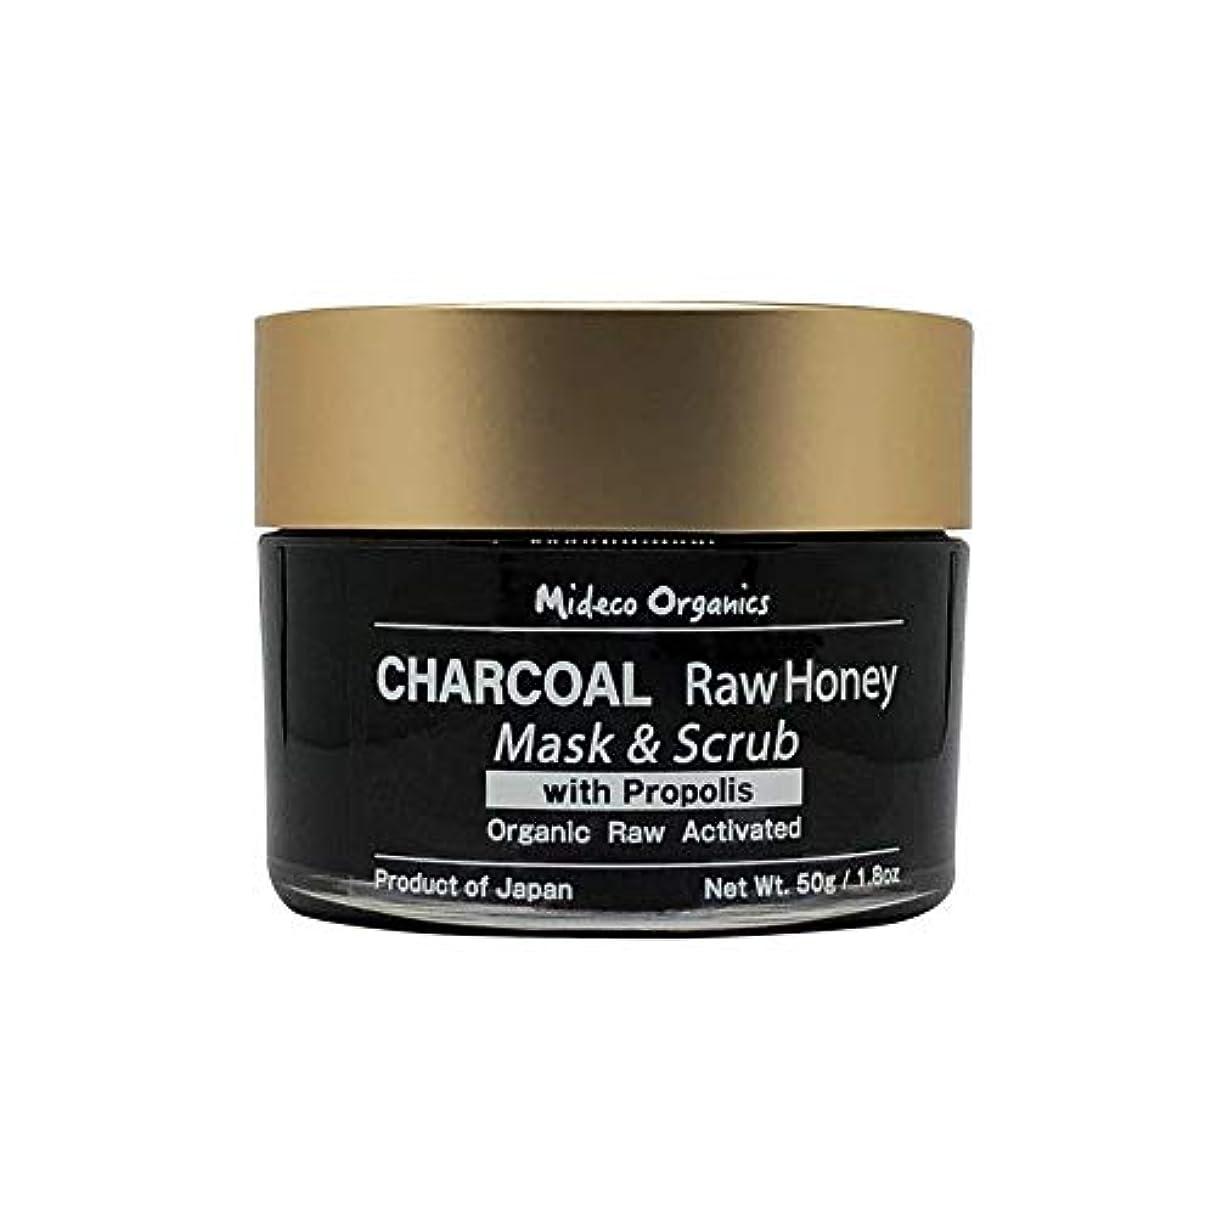 パトワおなじみのずっとオーガニック?チャコール ローハニー フェイスマスク 「炭の塗るパック」 Organic Charcoal and Honey Face Mask and Scrub